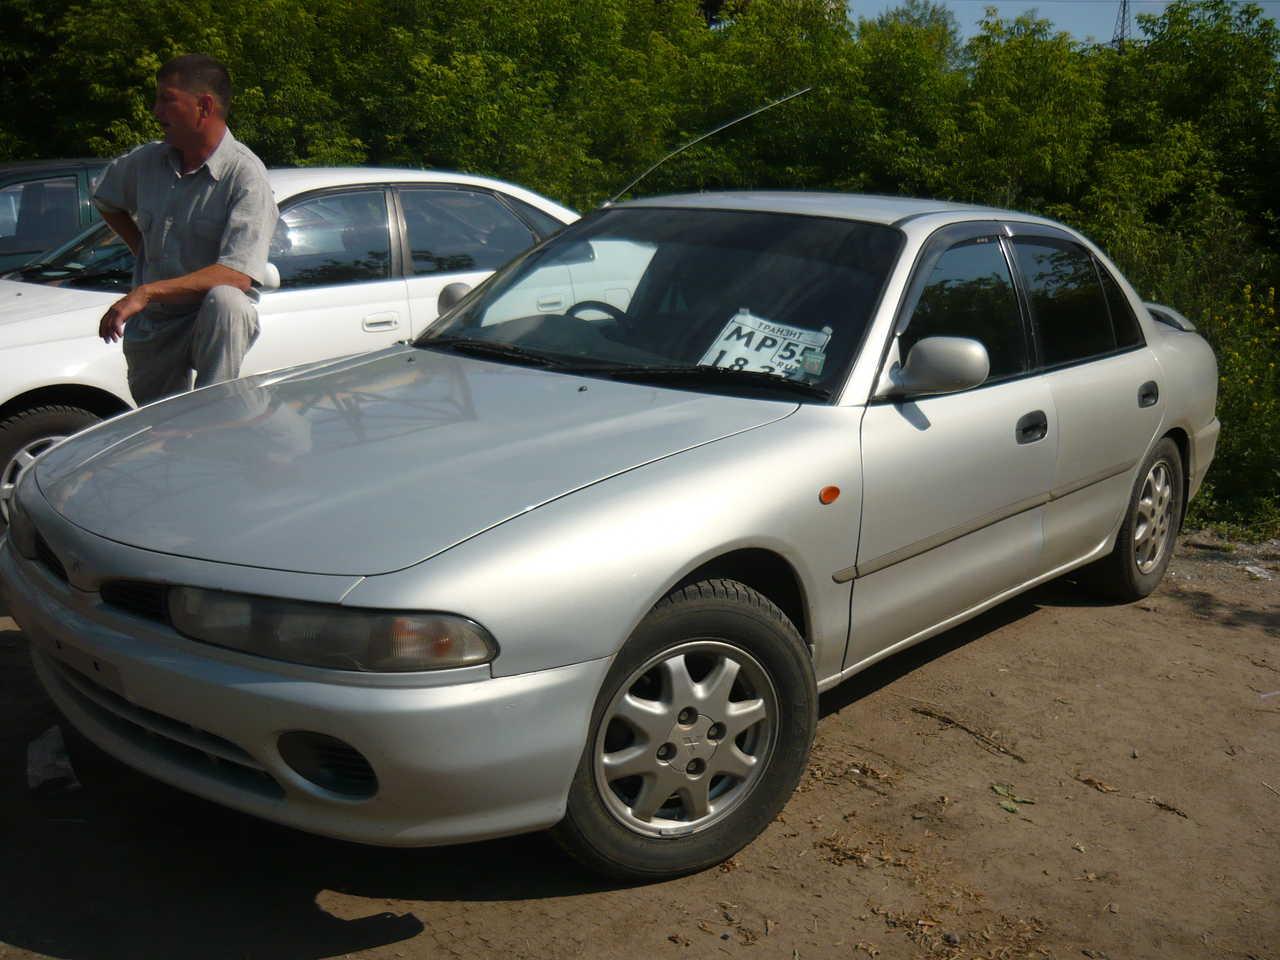 Mitsubishi Galant on 1994 Mitsubishi Galant